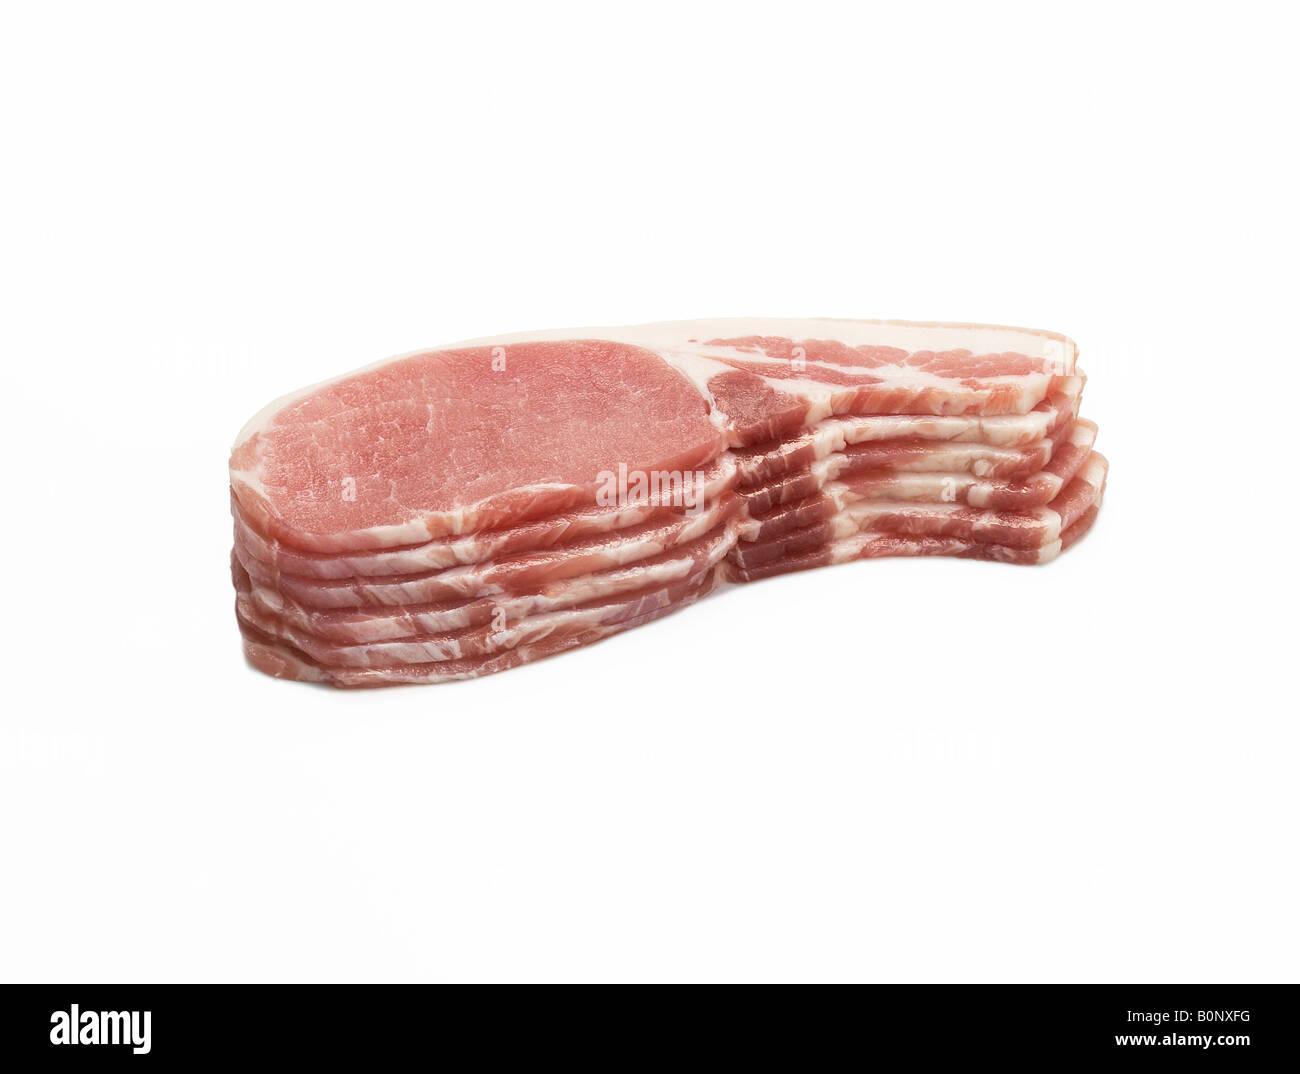 Sliced Back Bacon Stockfoto Lizenzfreies Bild 17692180